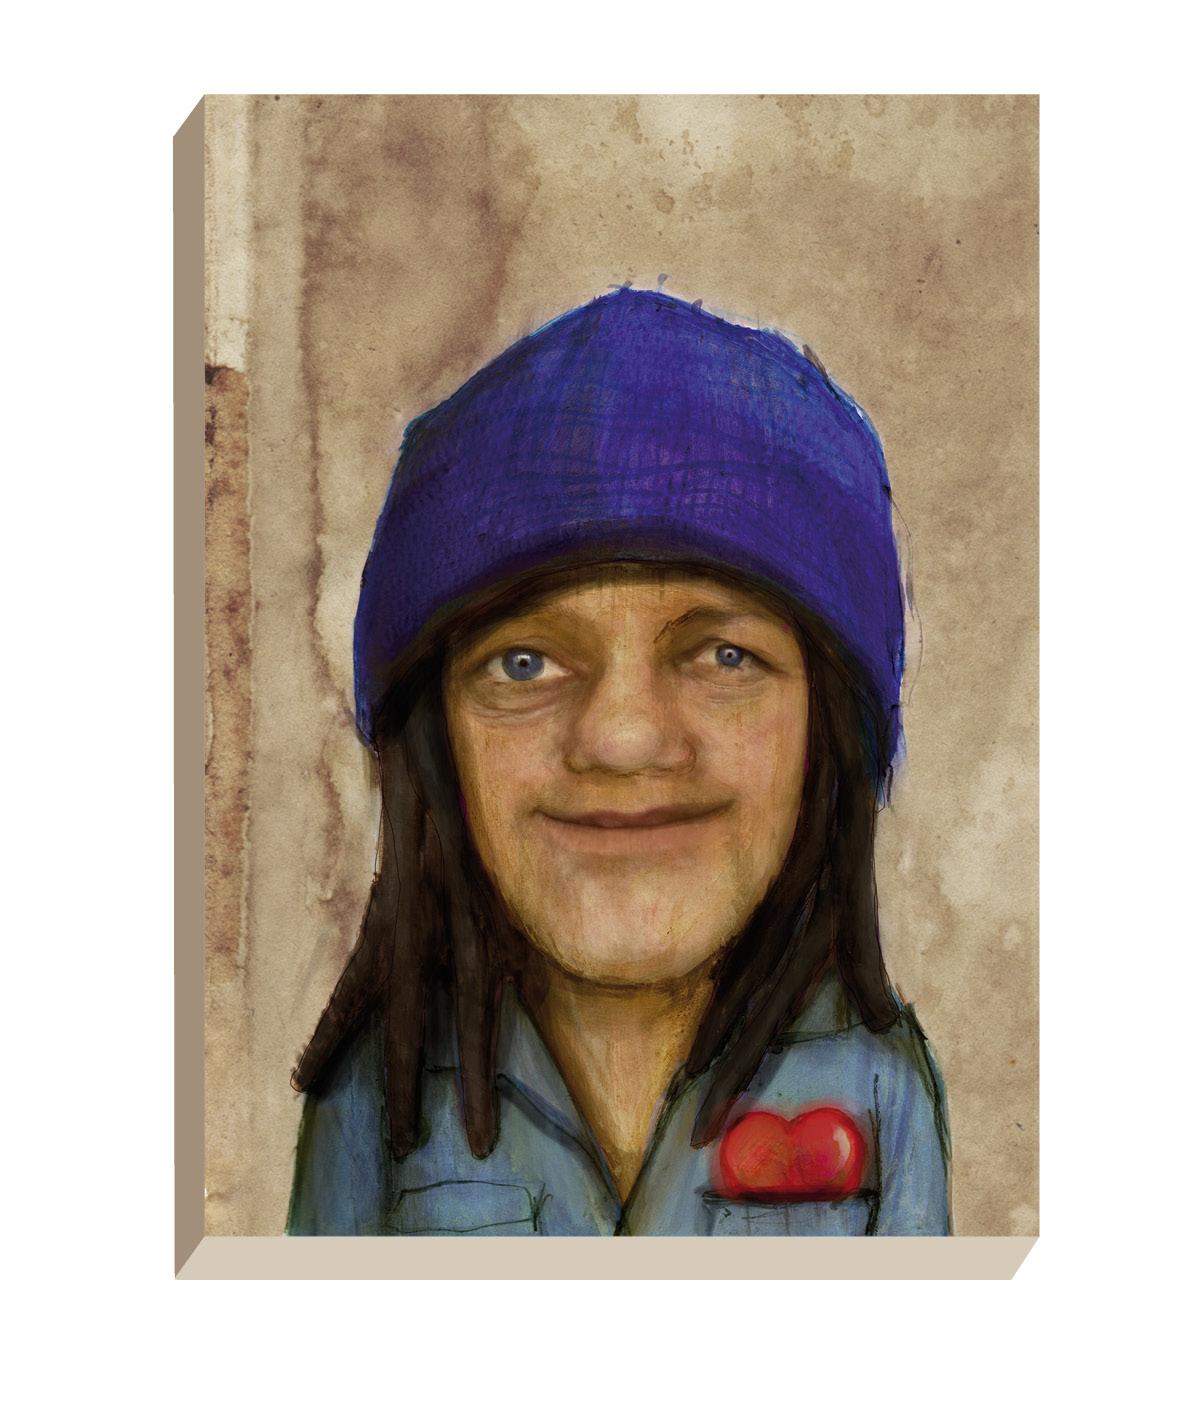 Maartse Hazen - Winkel | Portret Yeehaaa